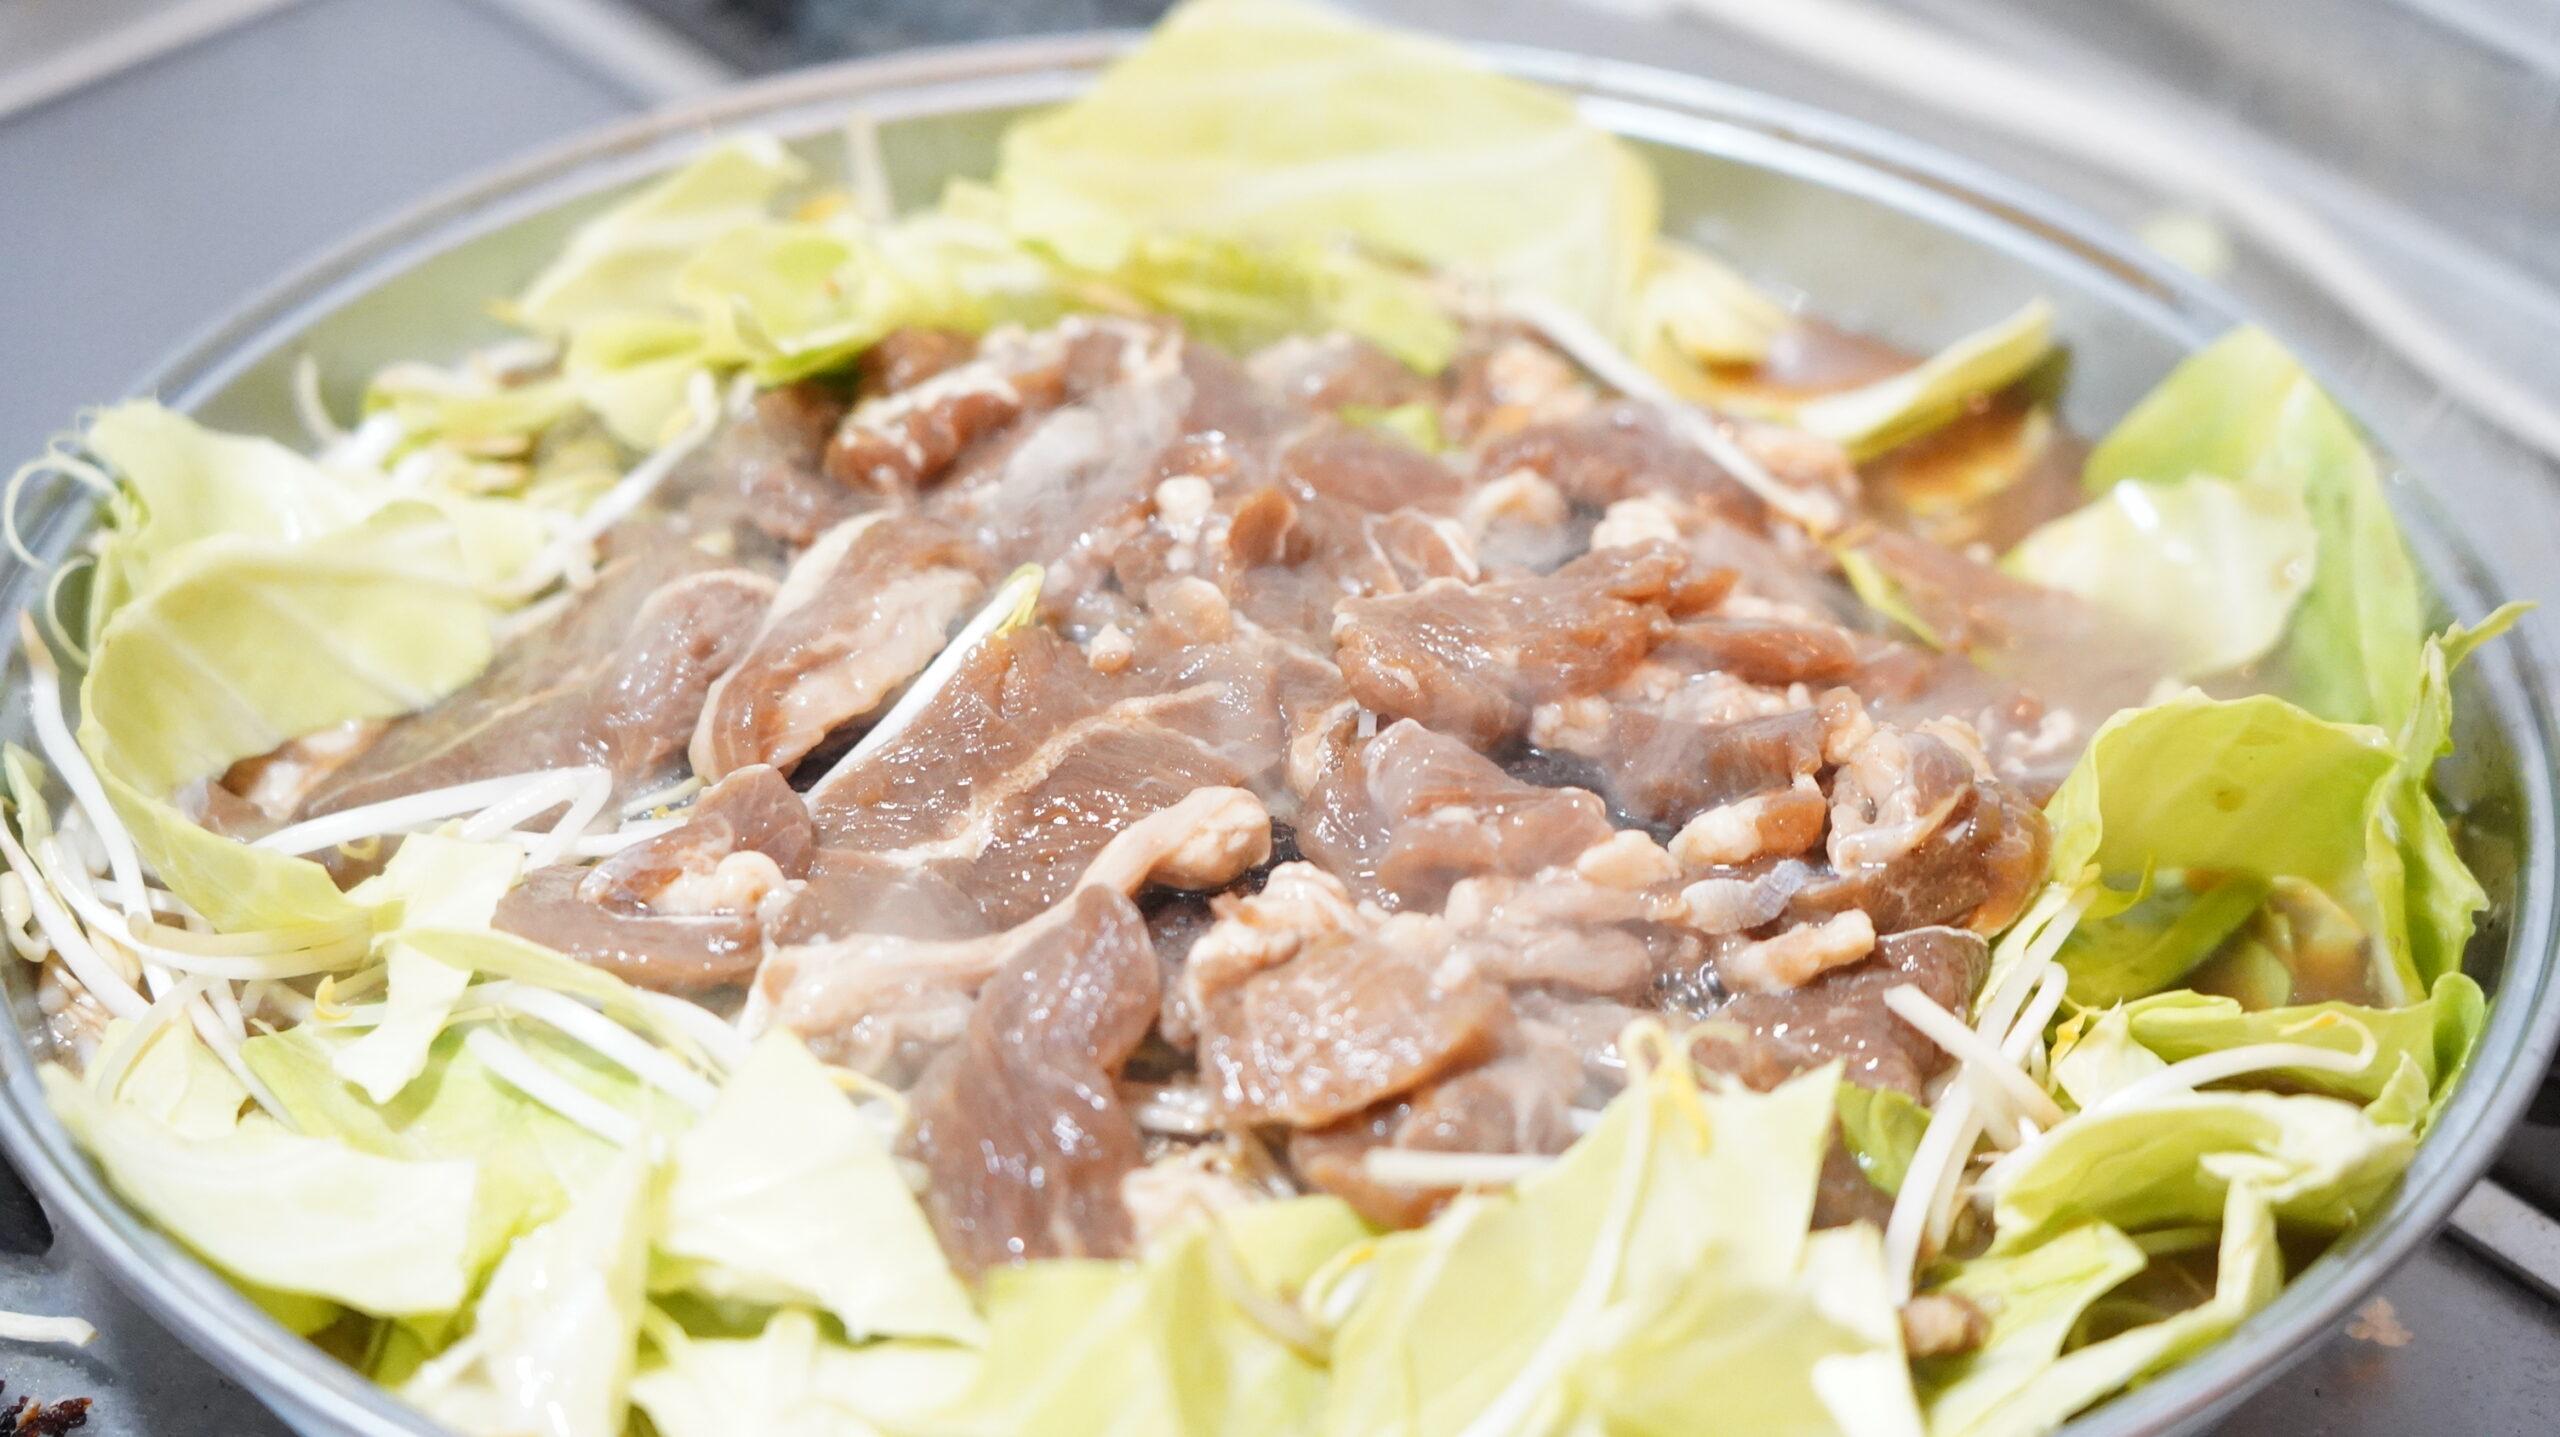 松尾ジンギスカンを通販でお取り寄せした冷凍マトン肉を焼いている写真